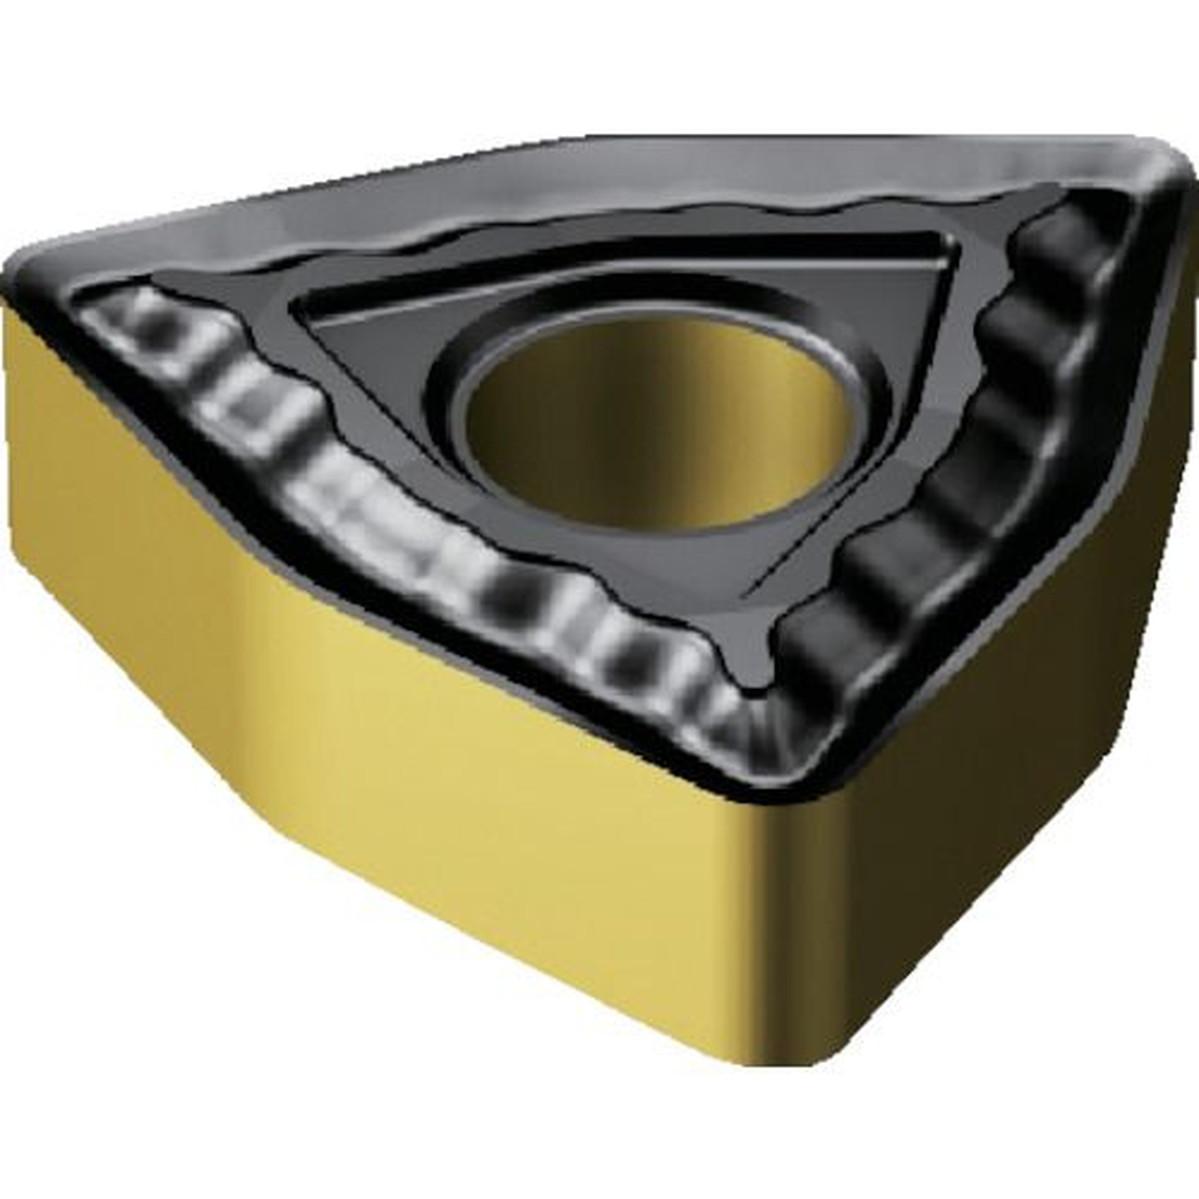 【人気No.1】 サンドビック 10個 T-MaxP チップ チップ 4335 サンドビック 10個, BECKY:49be09dd --- lebronjamesshoes.com.co